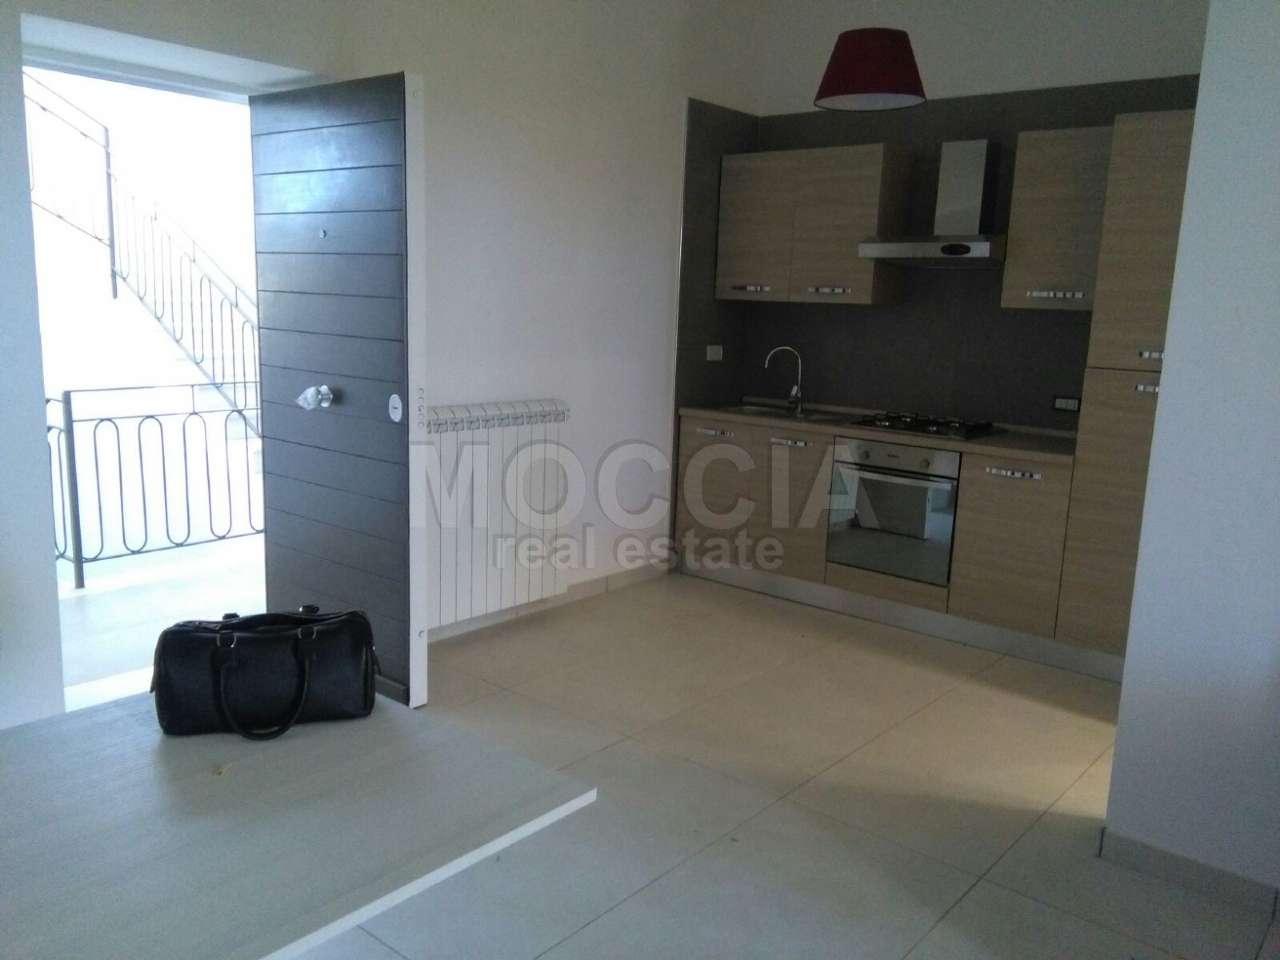 Appartamento in affitto a Caserta, 3 locali, prezzo € 550 | Cambio Casa.it